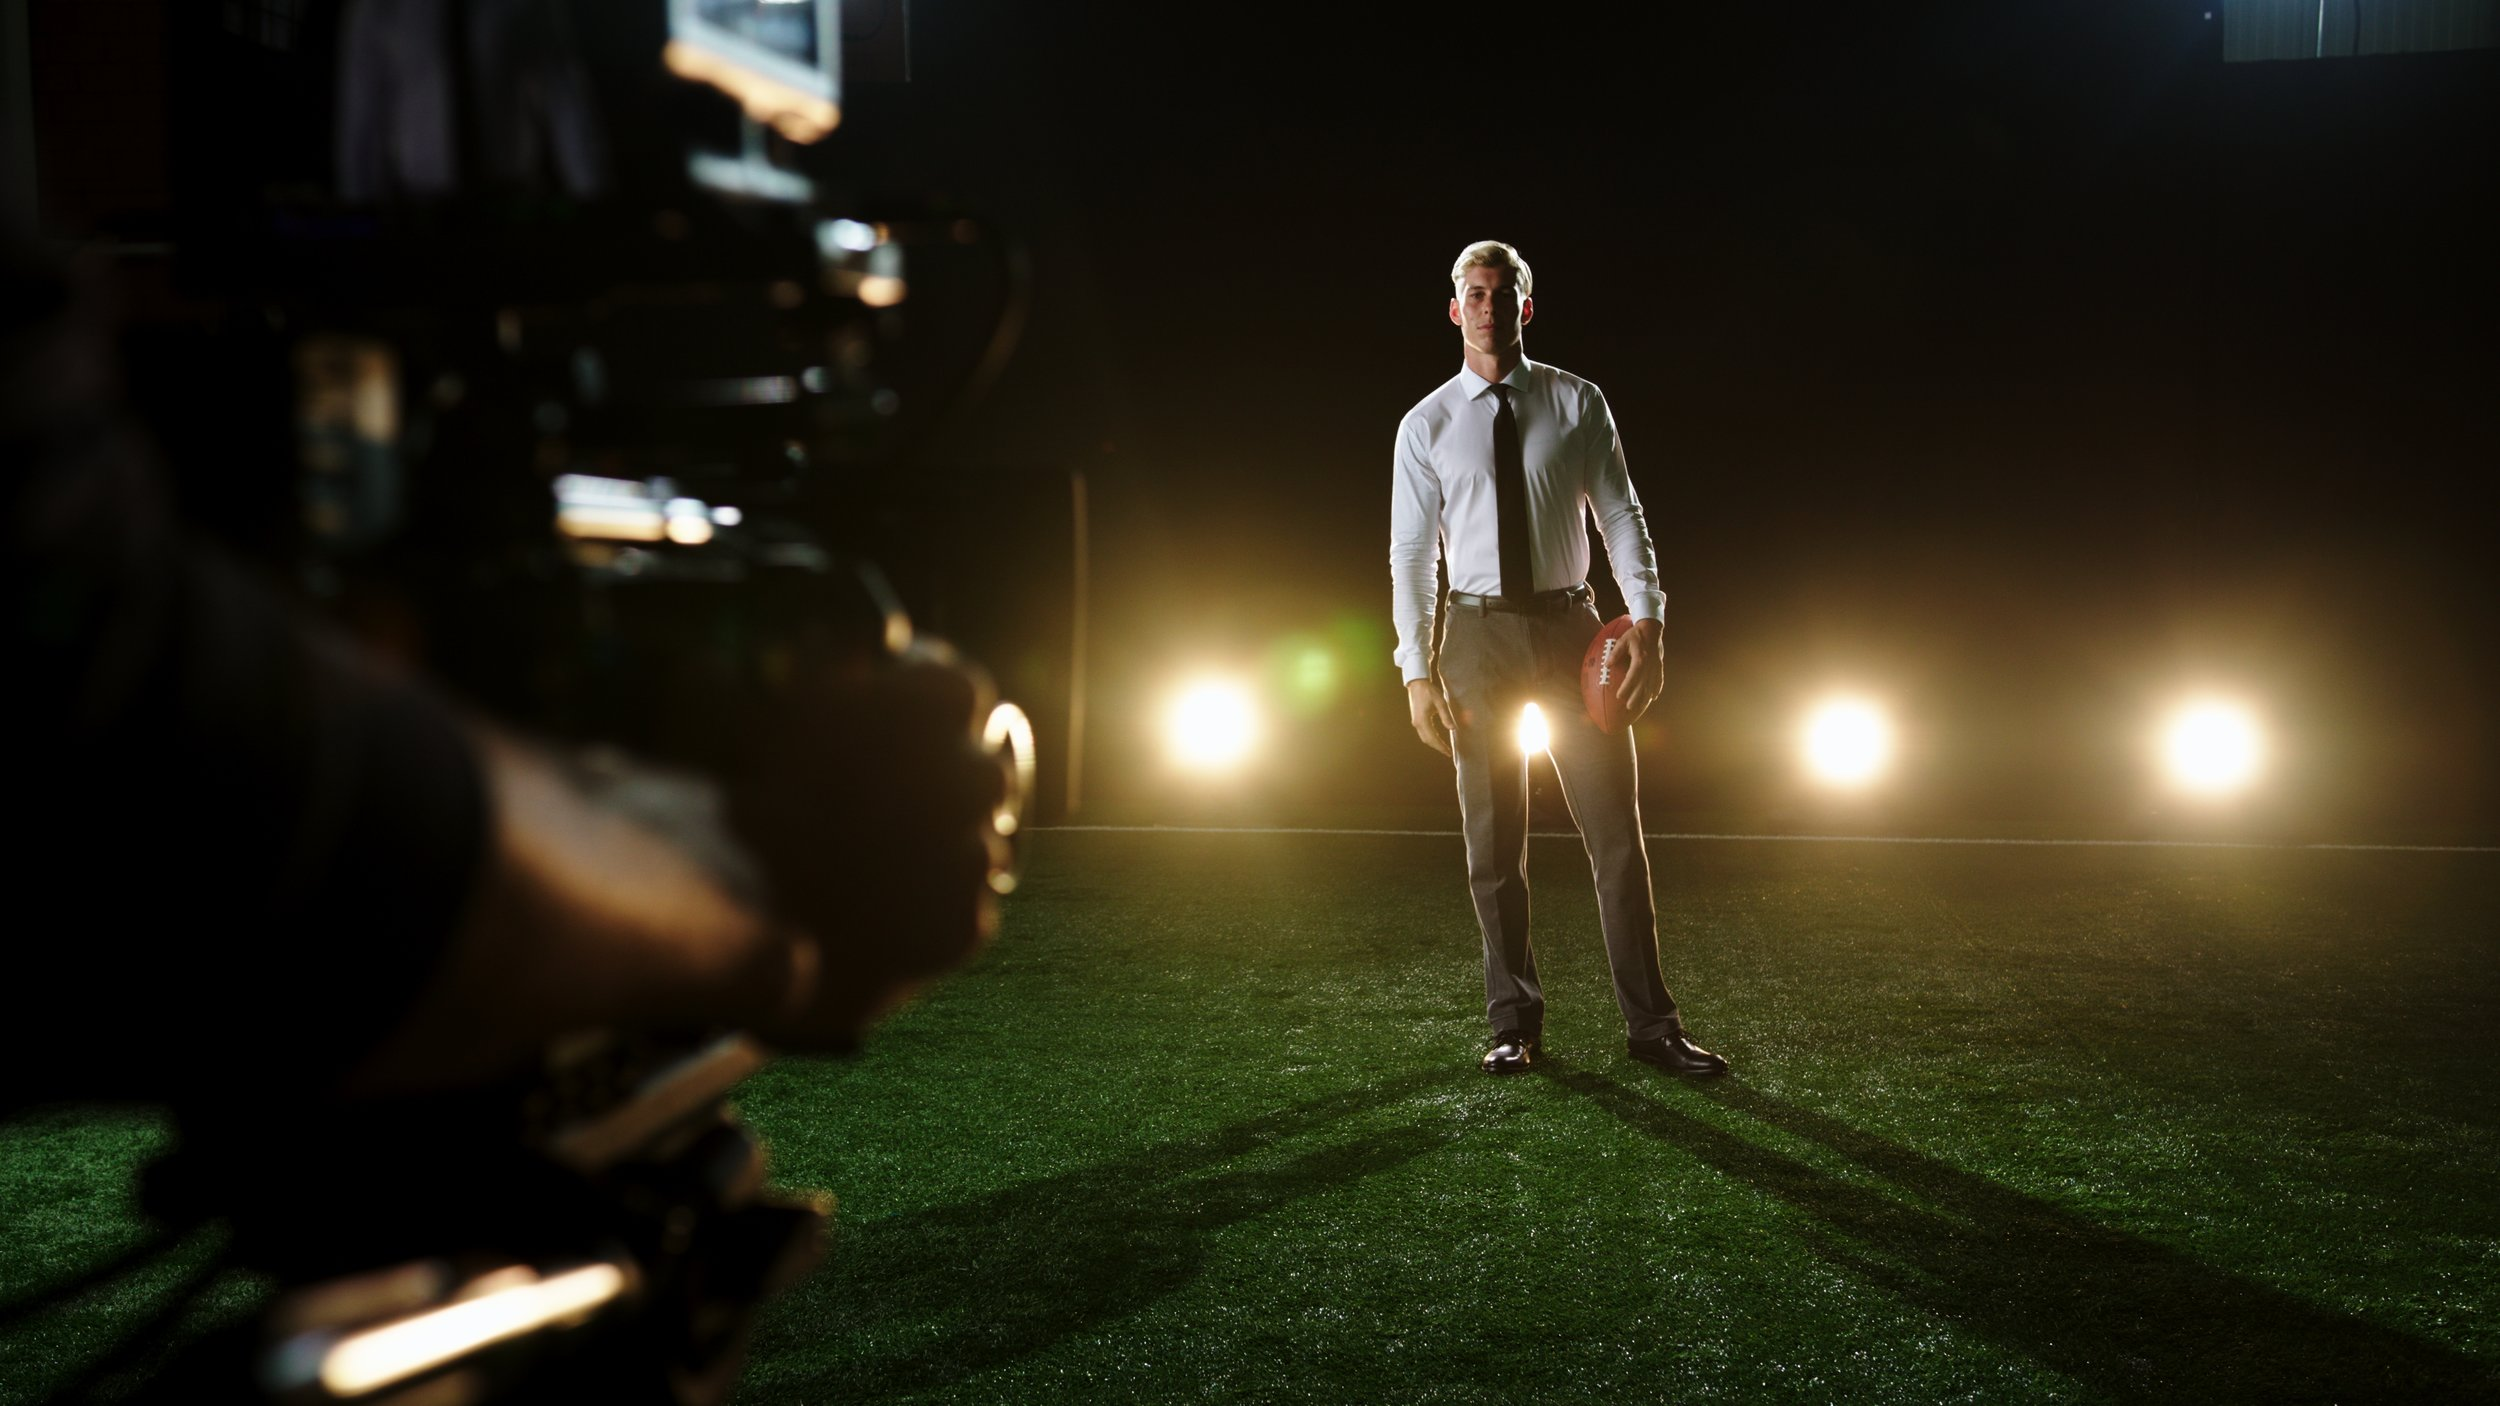 New Jersey Video Production - Hologram Visuals - Van Heusen